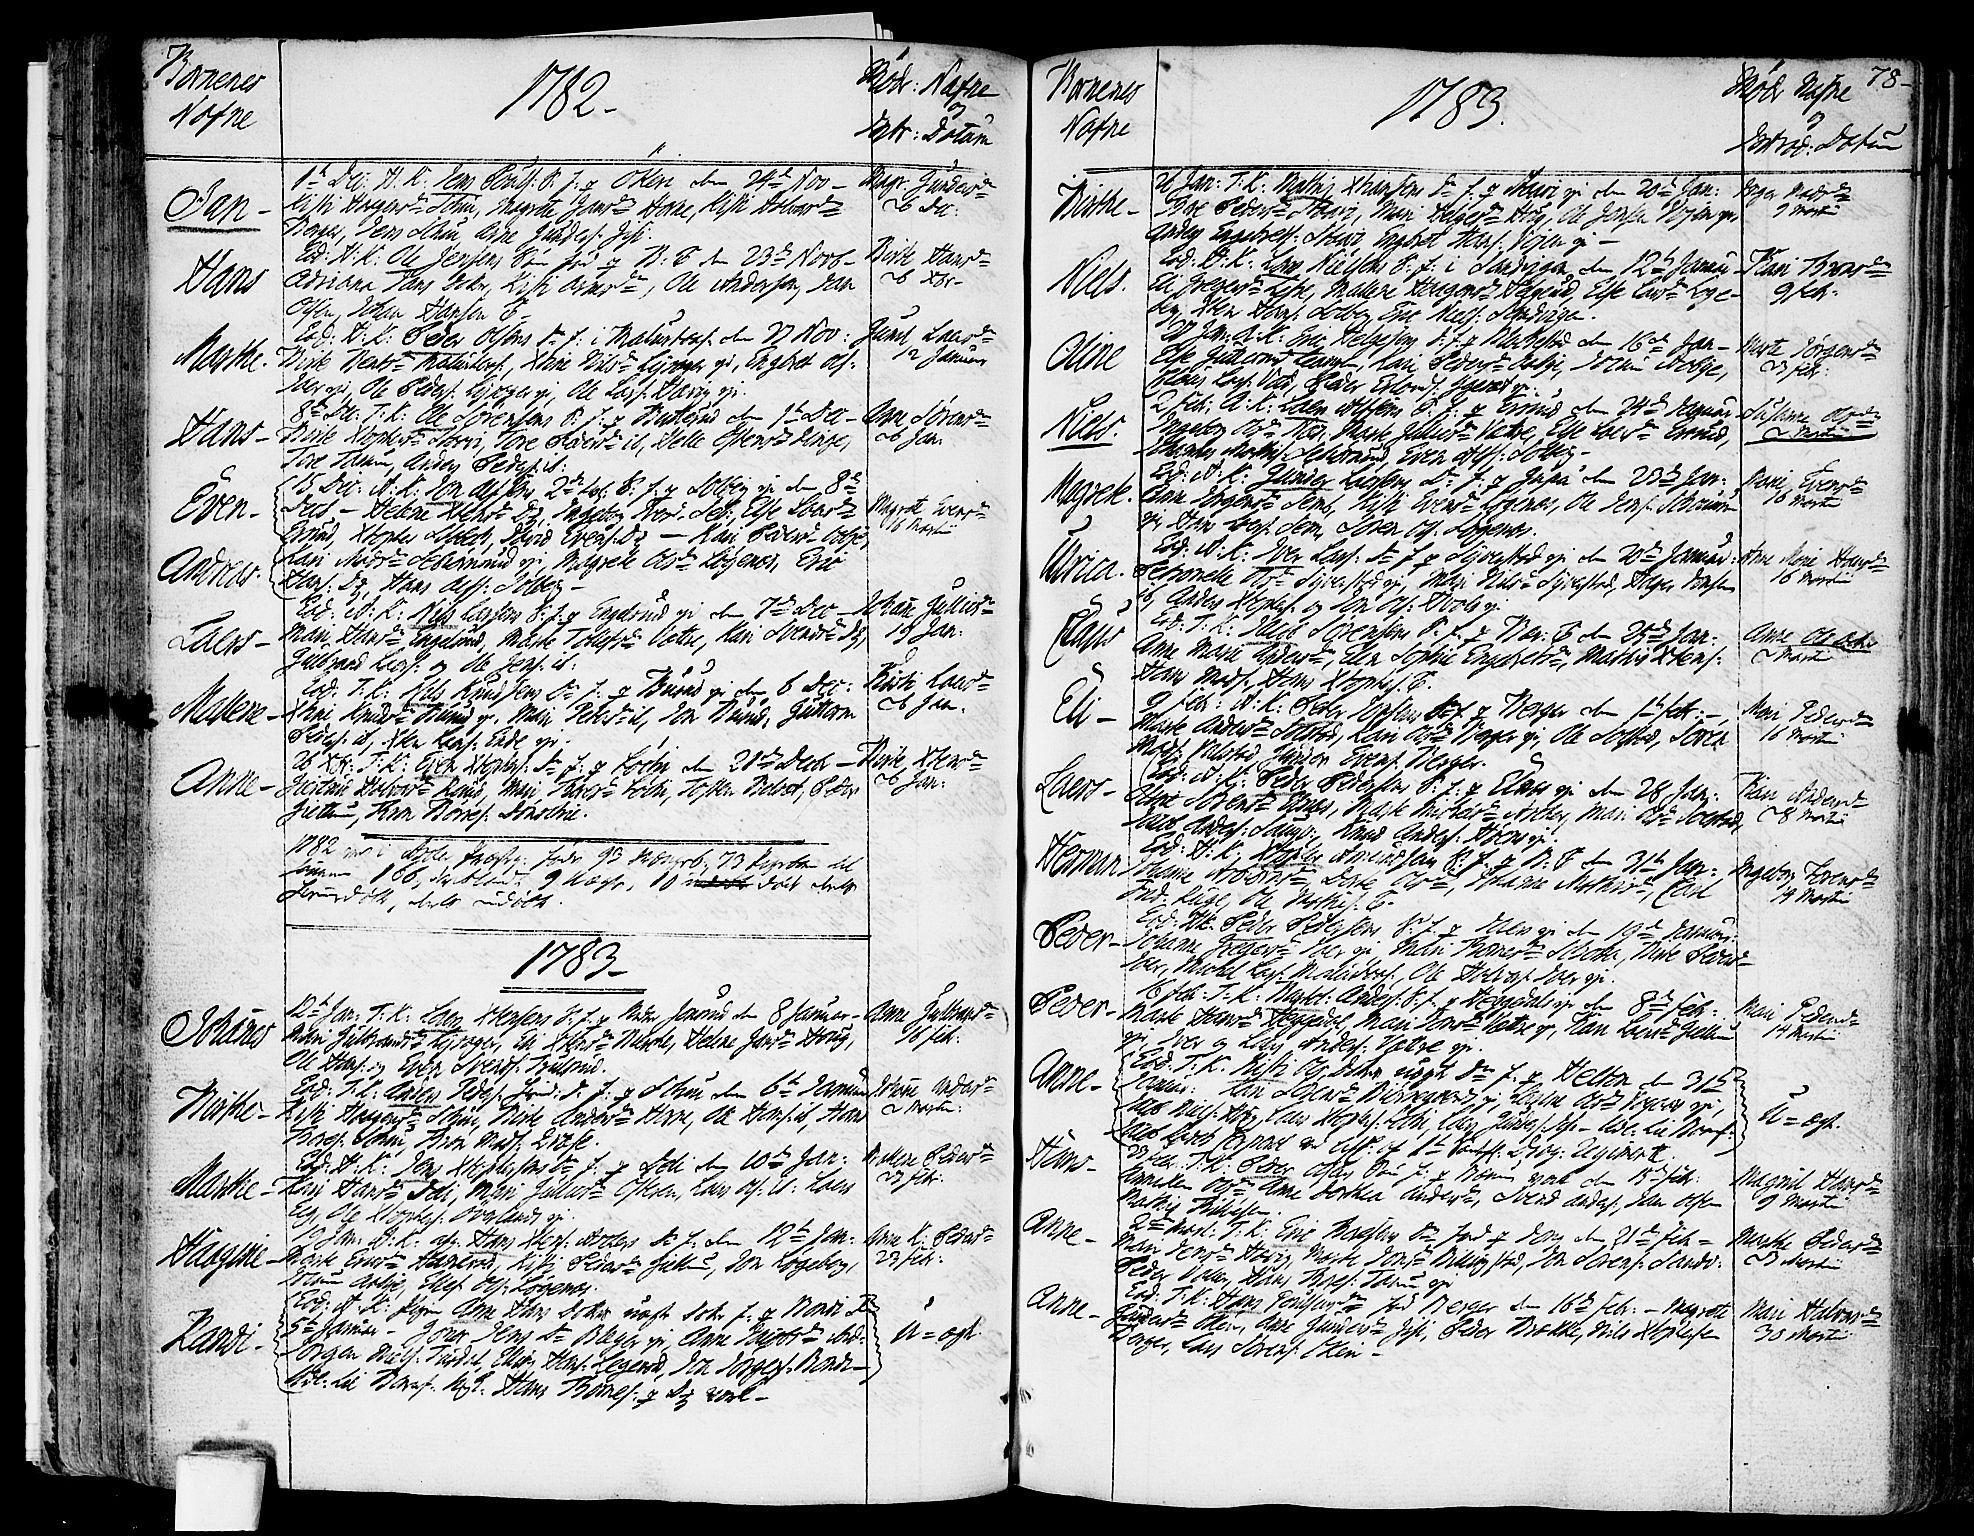 SAO, Asker prestekontor Kirkebøker, F/Fa/L0003: Ministerialbok nr. I 3, 1767-1807, s. 78